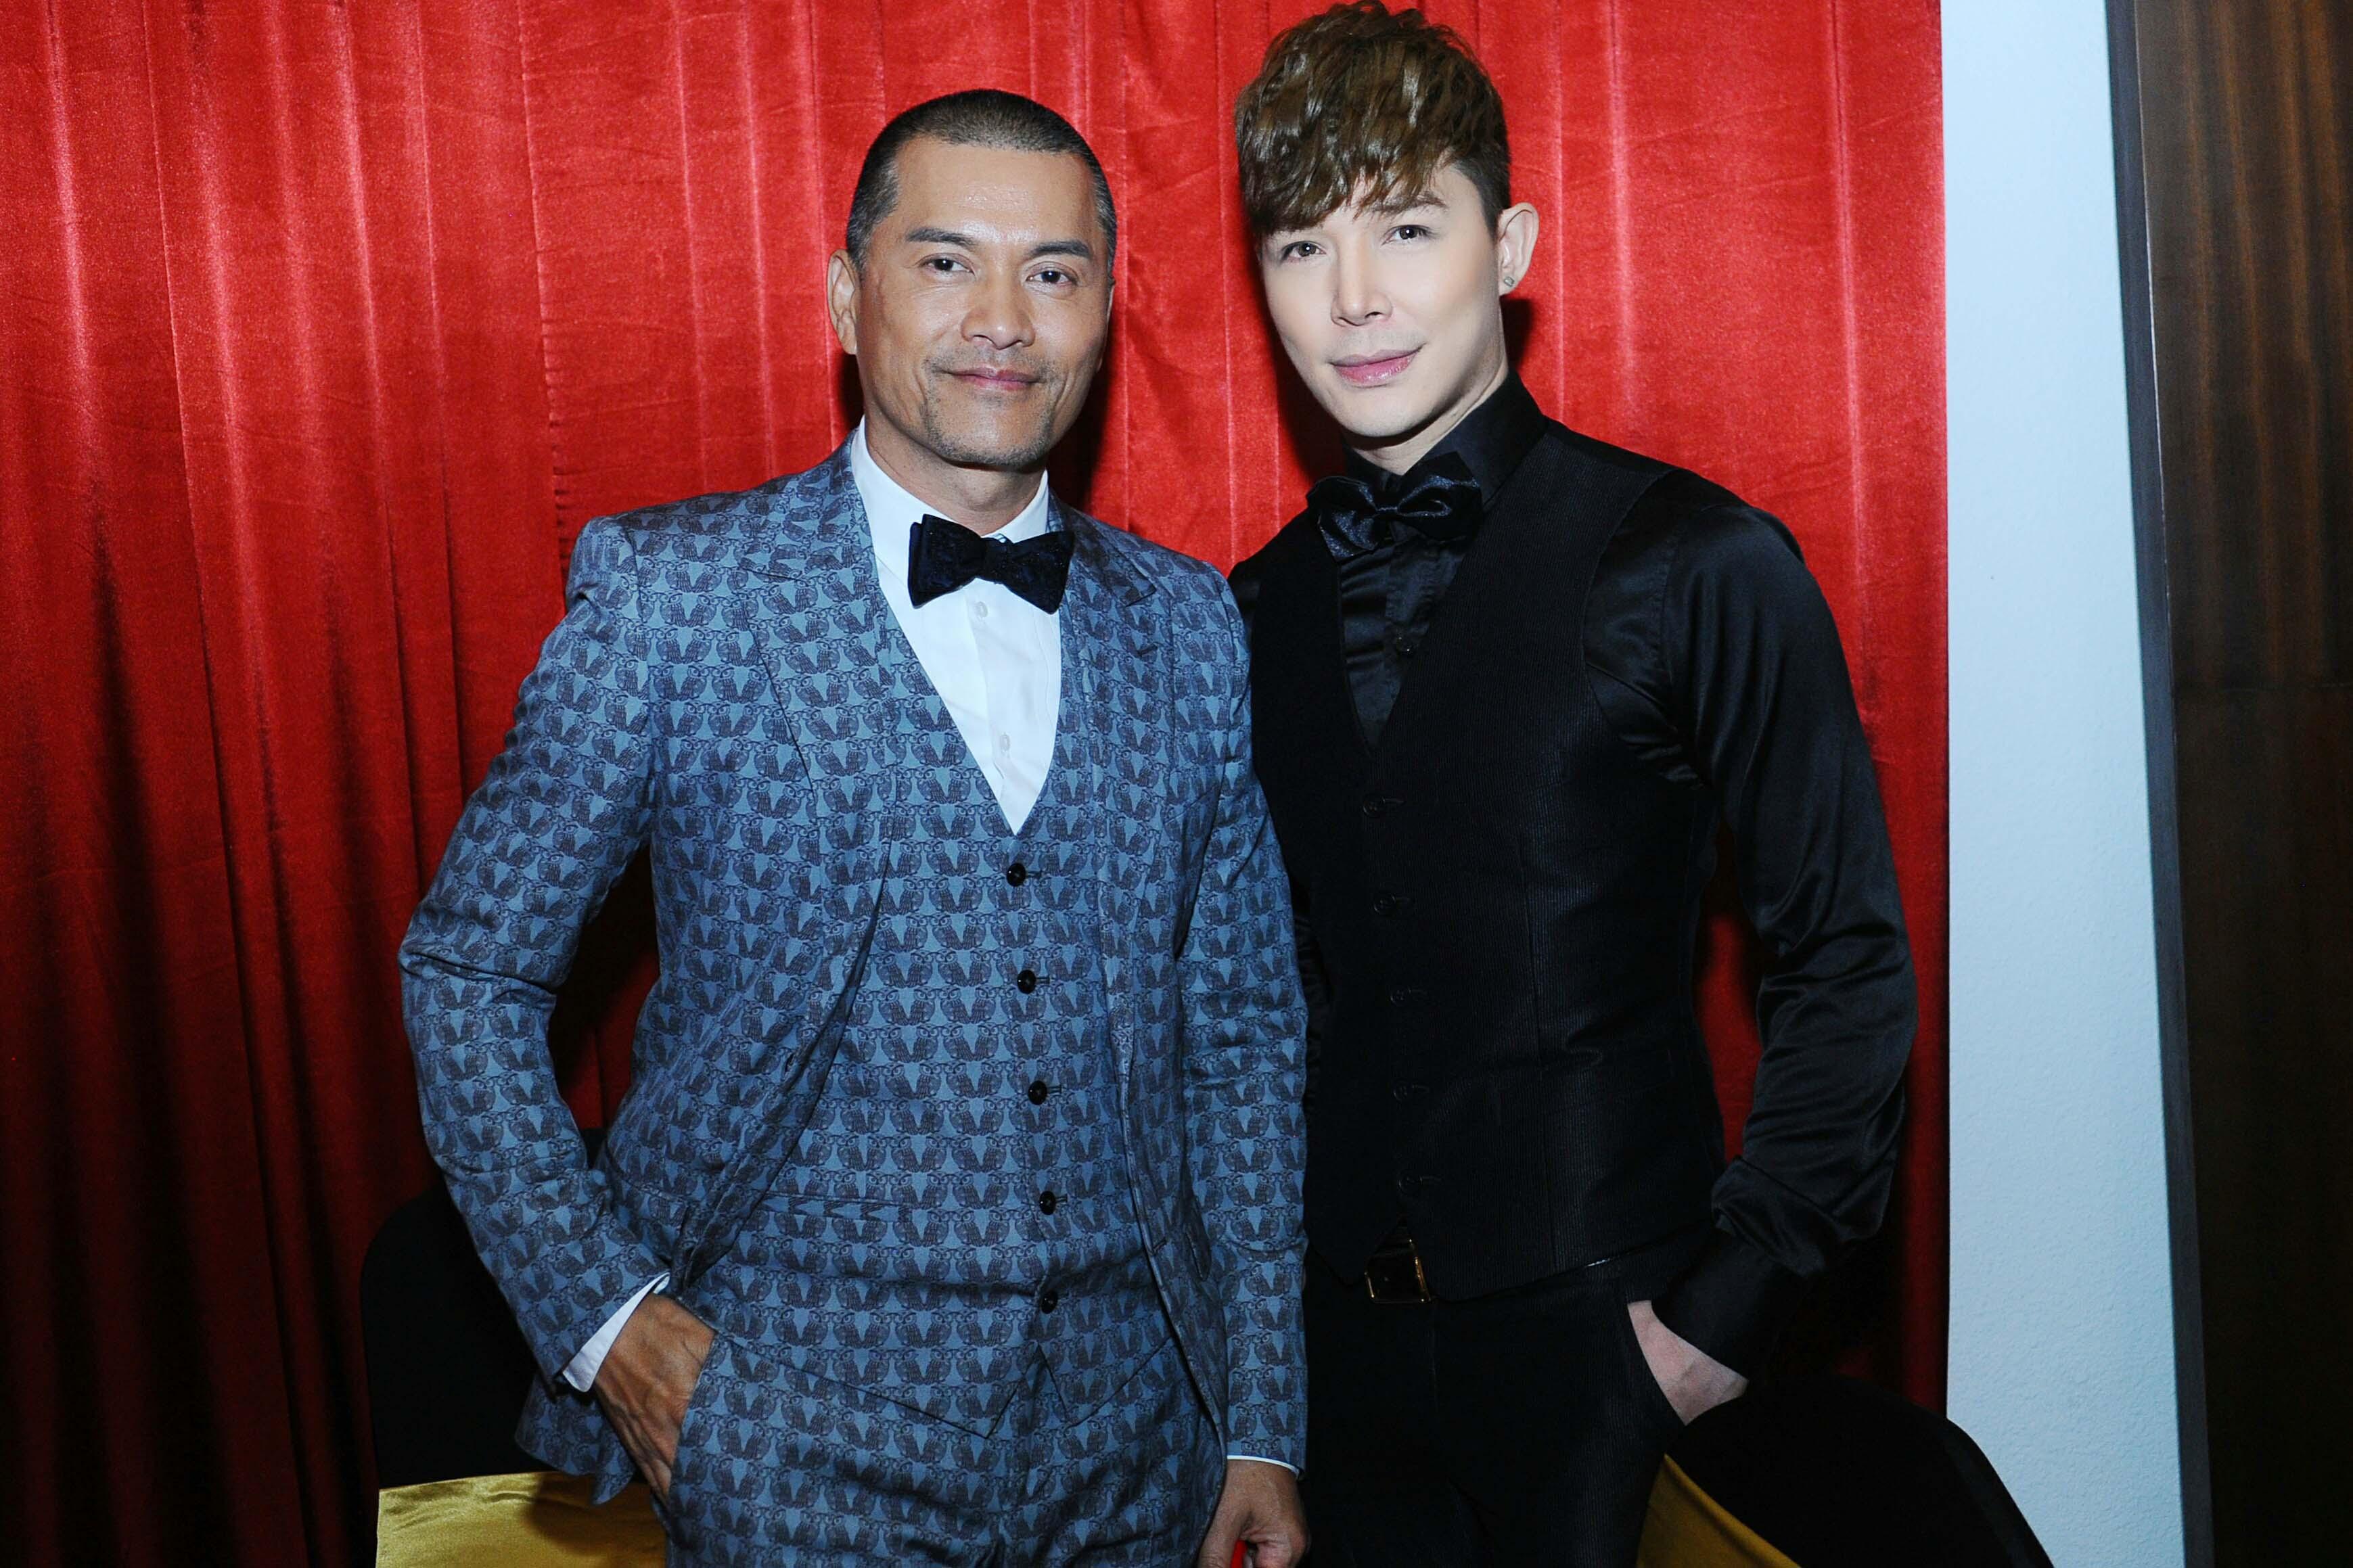 Nathan Lee khoe ảnh độc cùng người cha đại sứ Trương Triều Dương  5